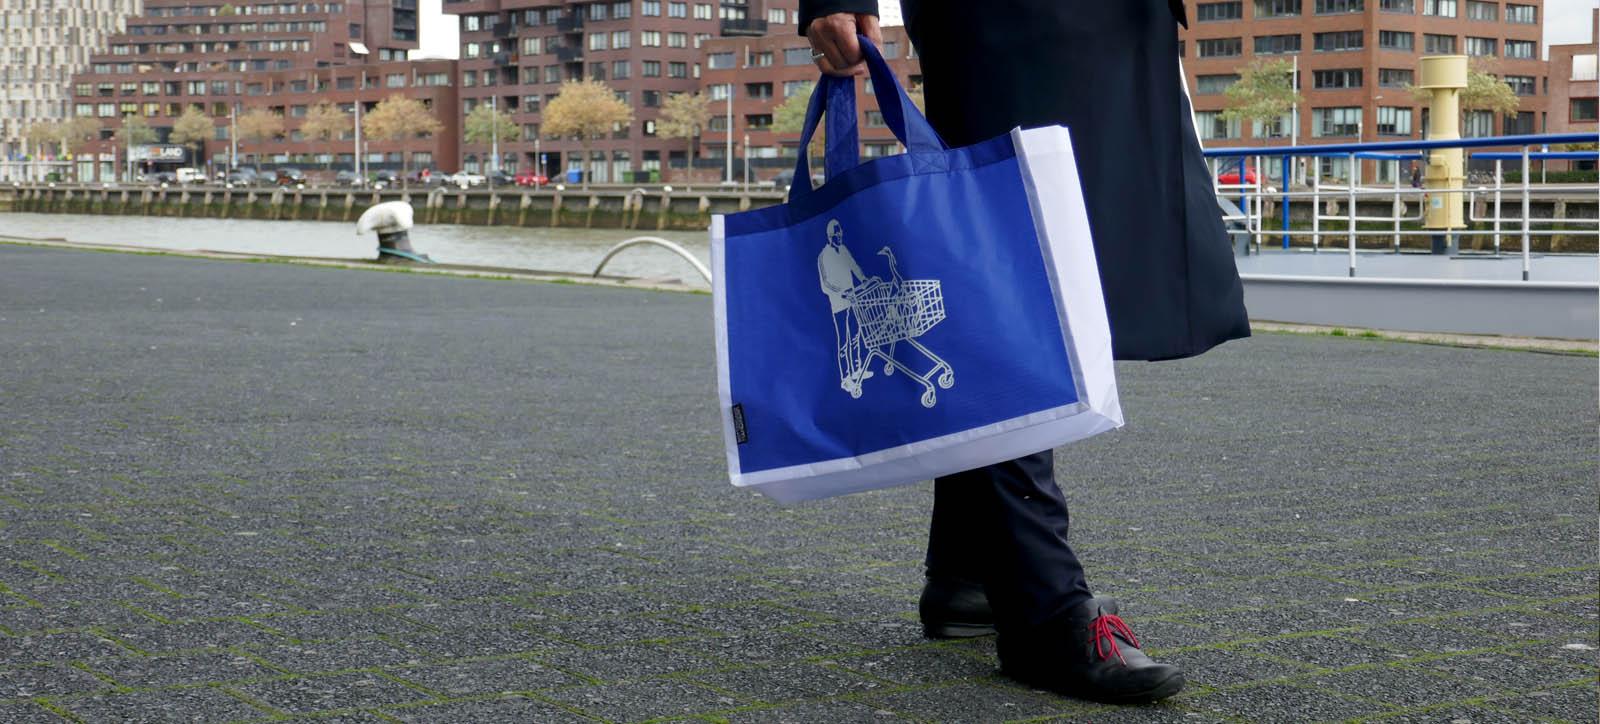 Shopper Maarten